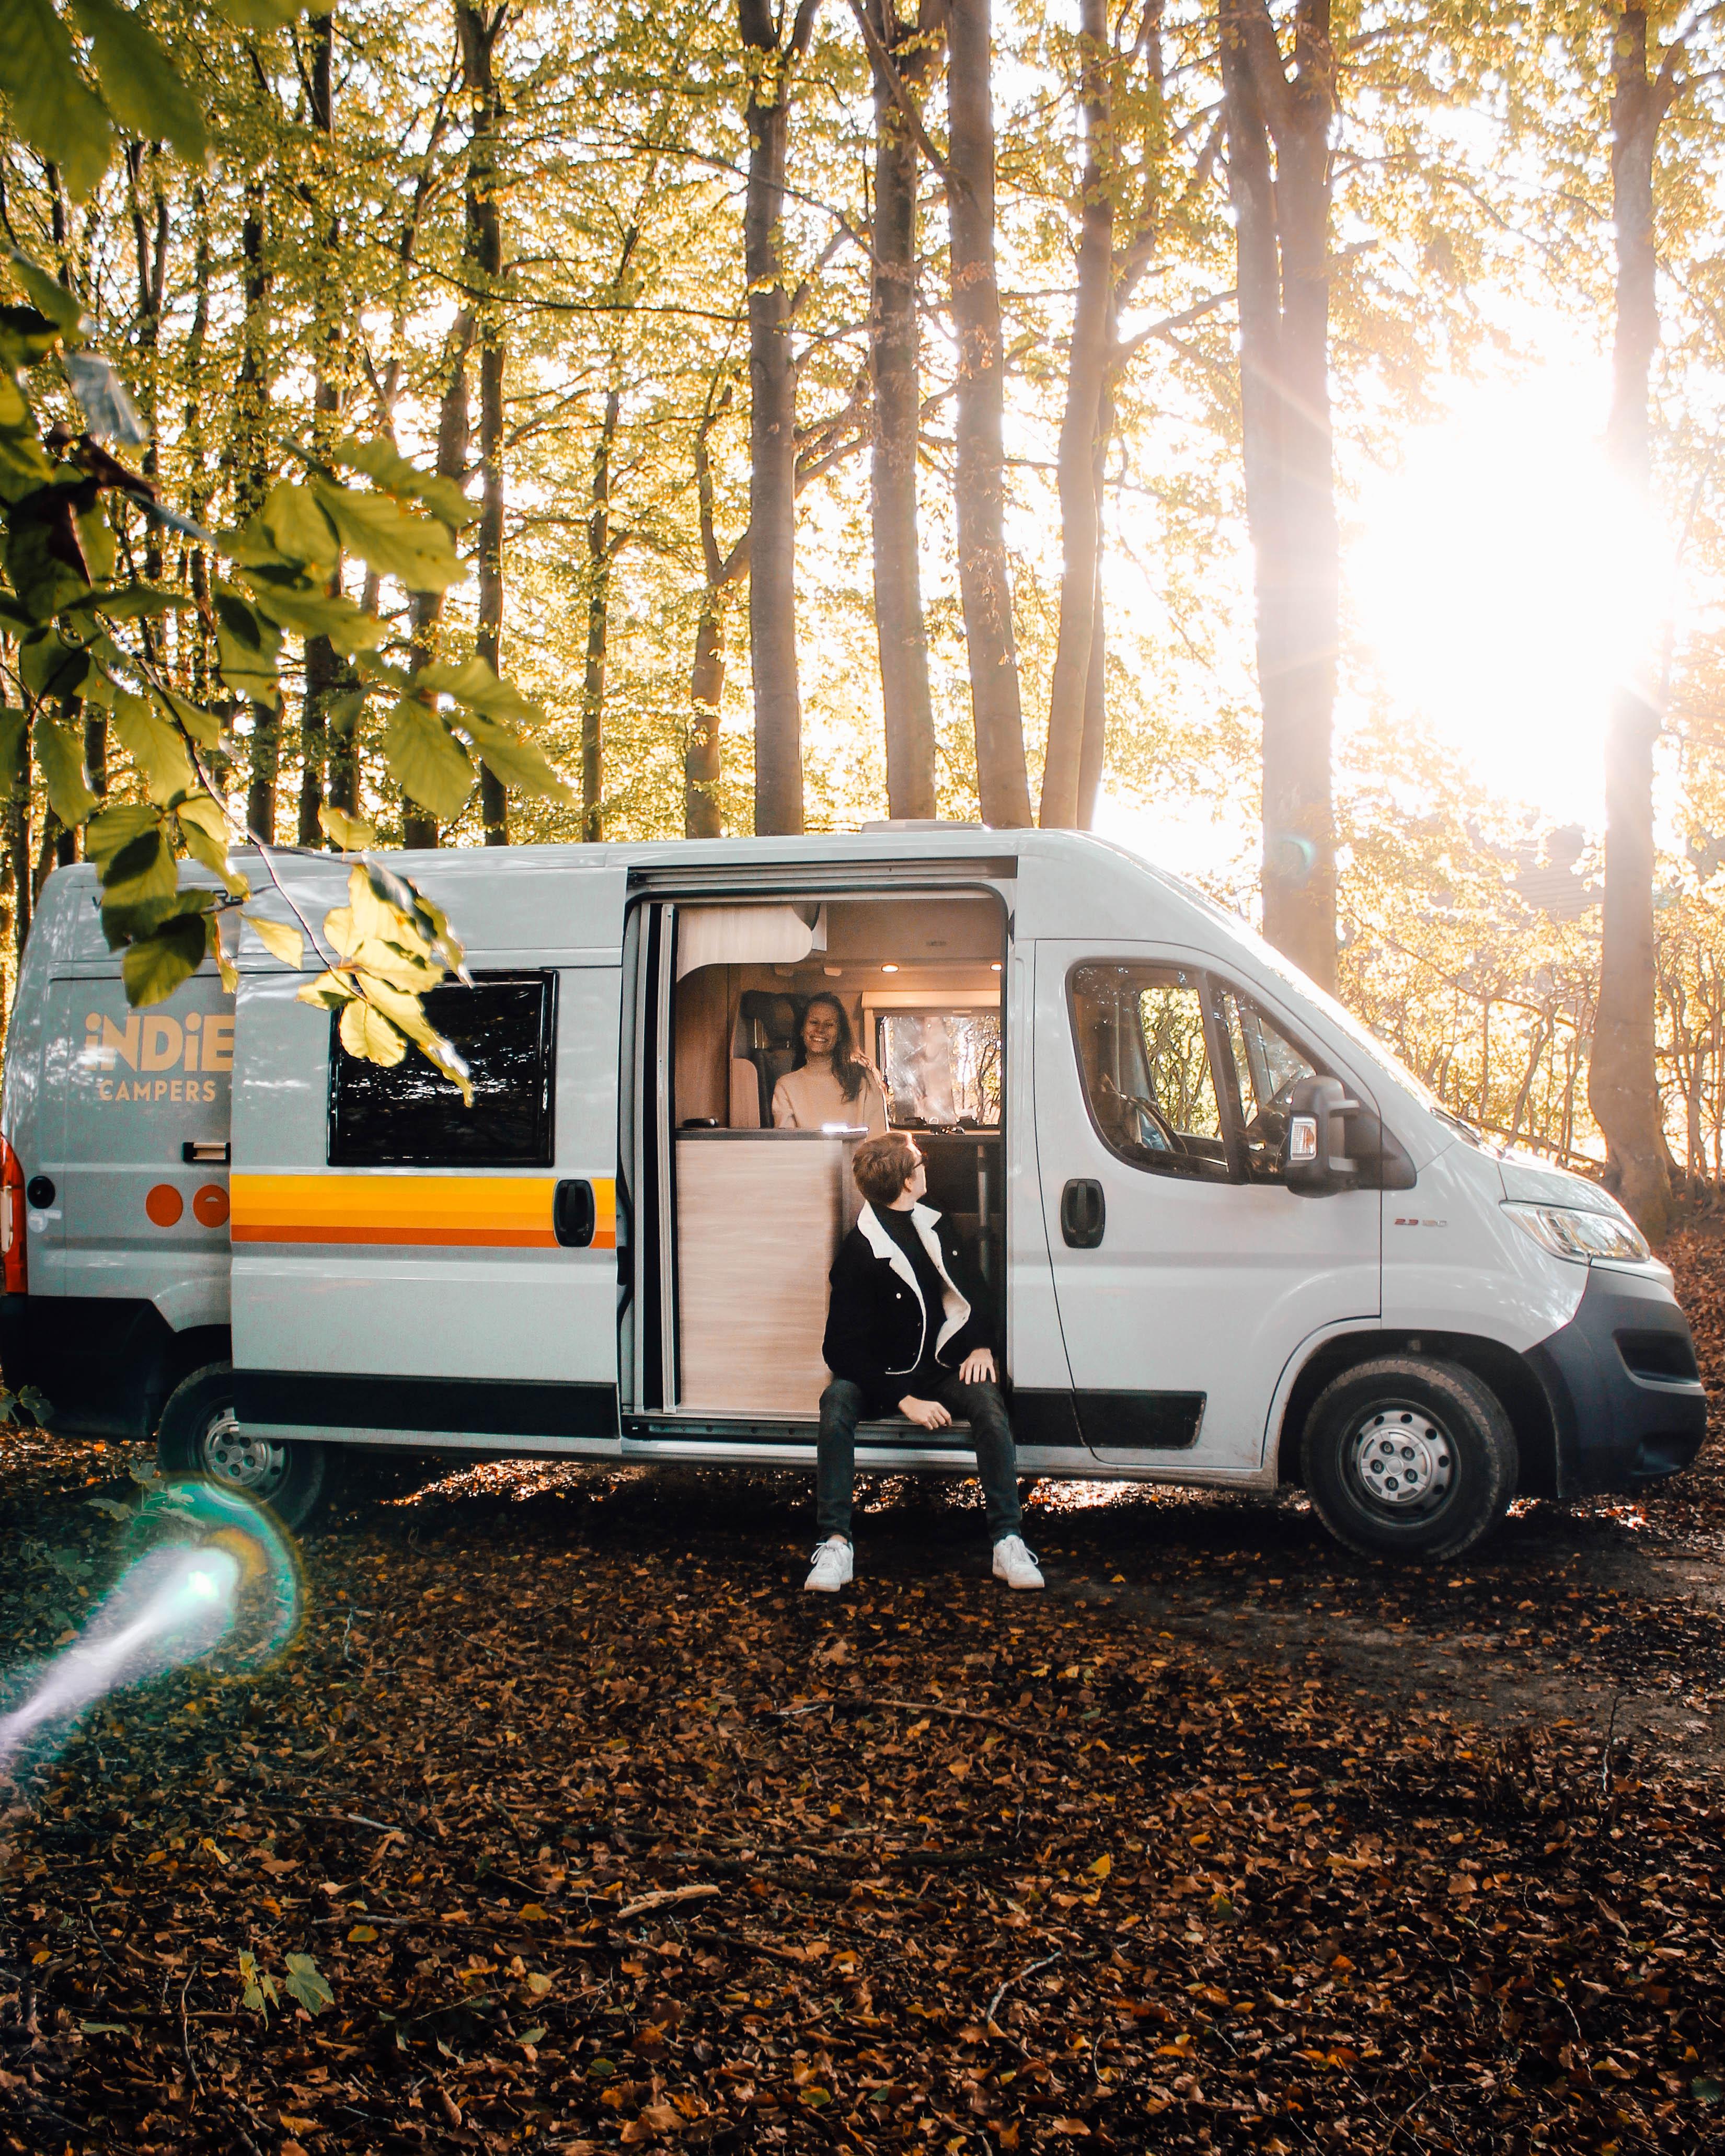 Ein Leben Im Wohnmobil Jetzt Moglich Reiseberichte Reisetipps Reportagen Reisemagazin Imagine Schweiz